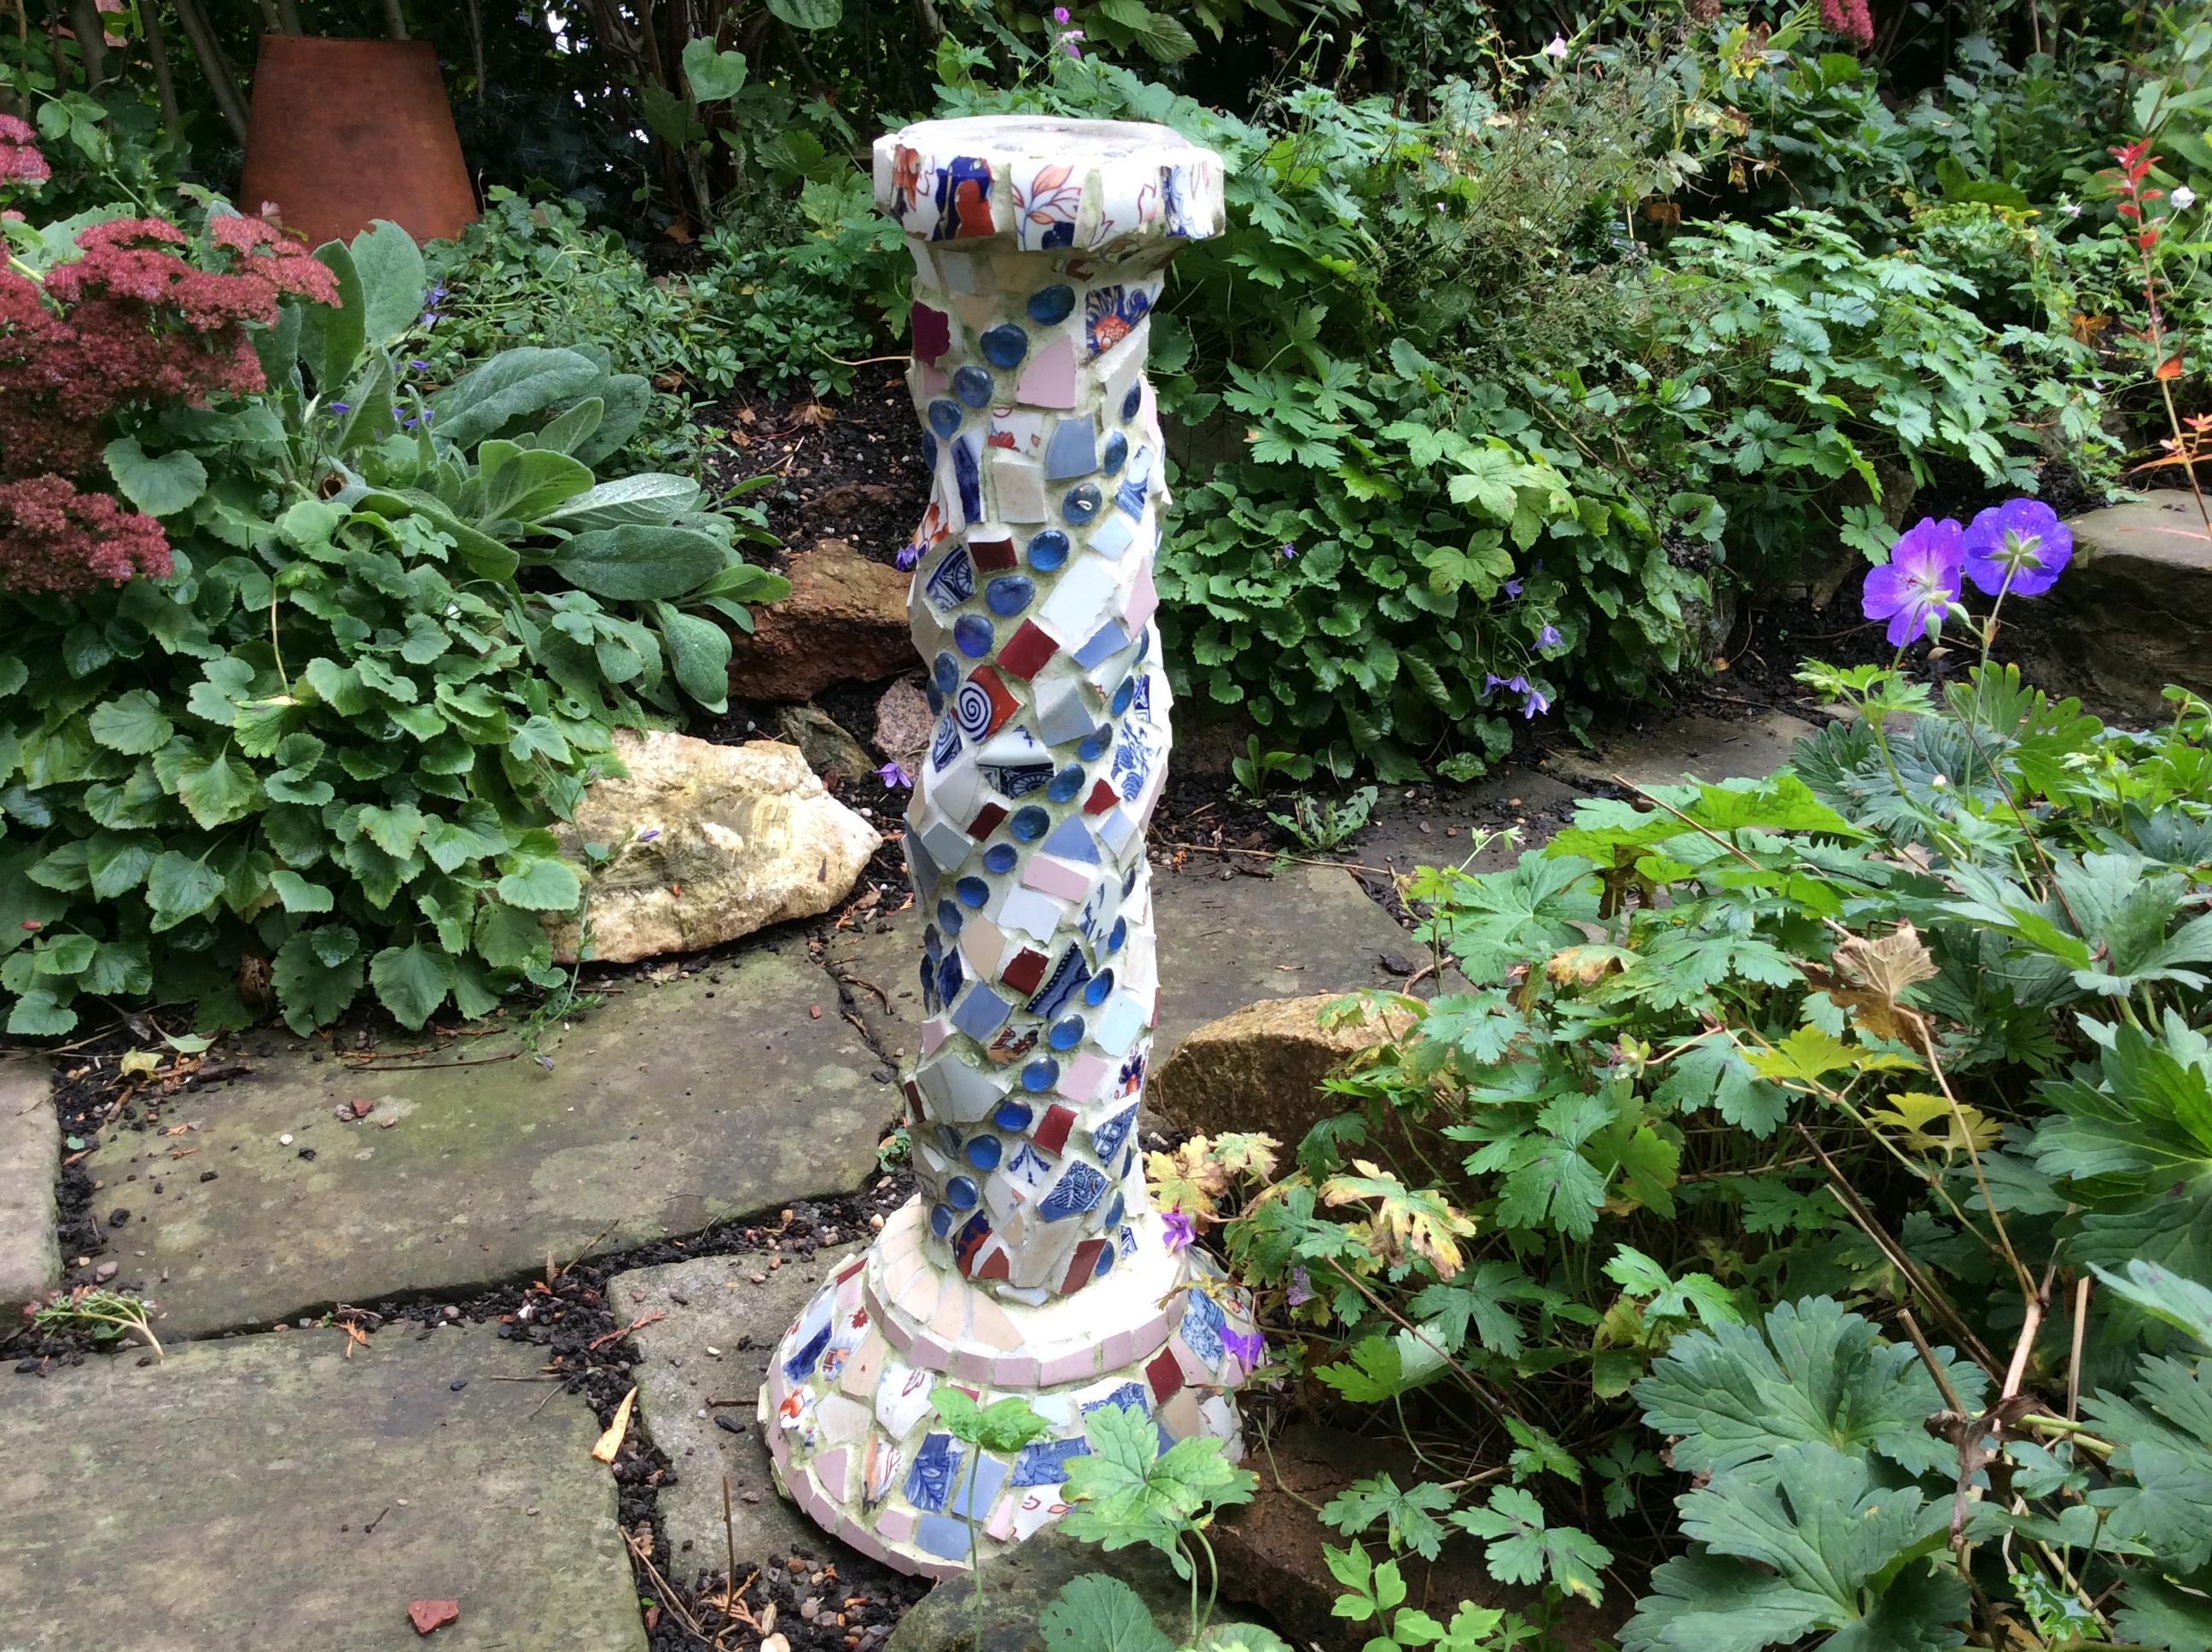 mosaic garden ornament